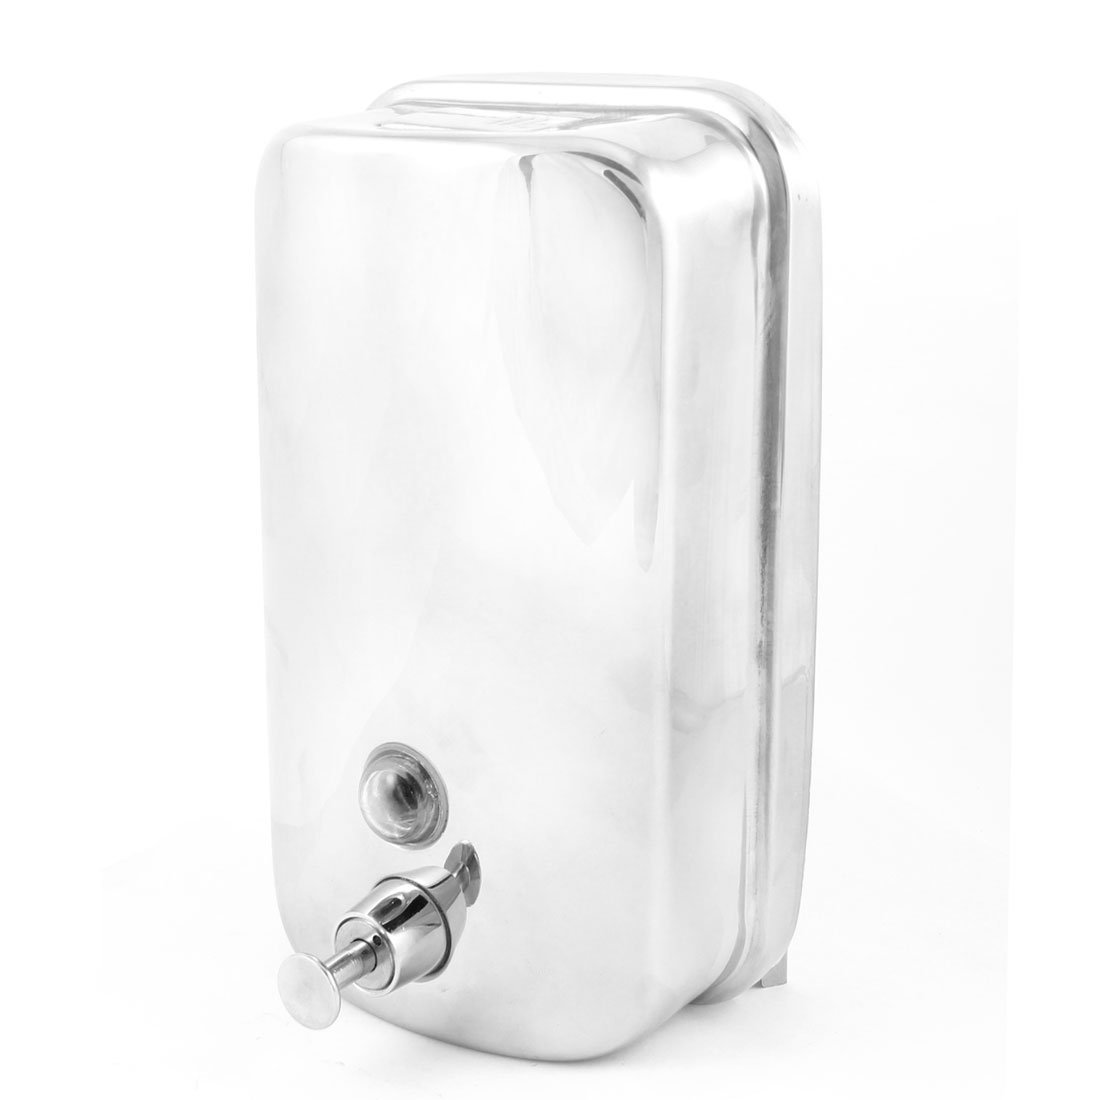 Amazon.com: eDealMax Acero inoxidable jabón líquido dispensador de la loción Holder 1000ml: Home & Kitchen